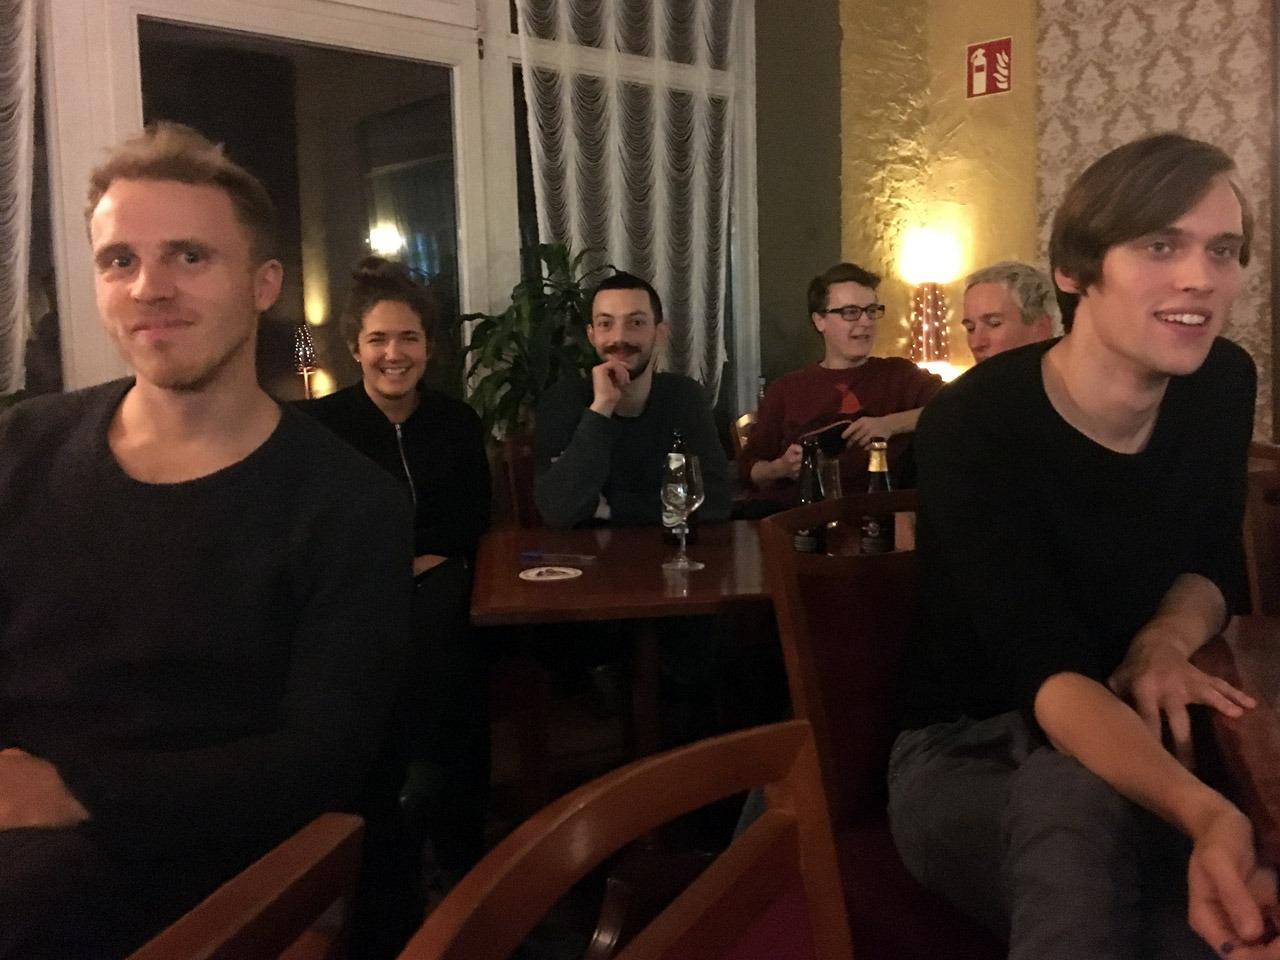 Im Vordergrund: mutige Erstbesucher Daniel, Caspar (und das zum Quiz!), im Hintergrund: Paul Troppmeier zwischen Holly Brunn und vielleicht weiteren Österreichern, wir wissen es nicht.